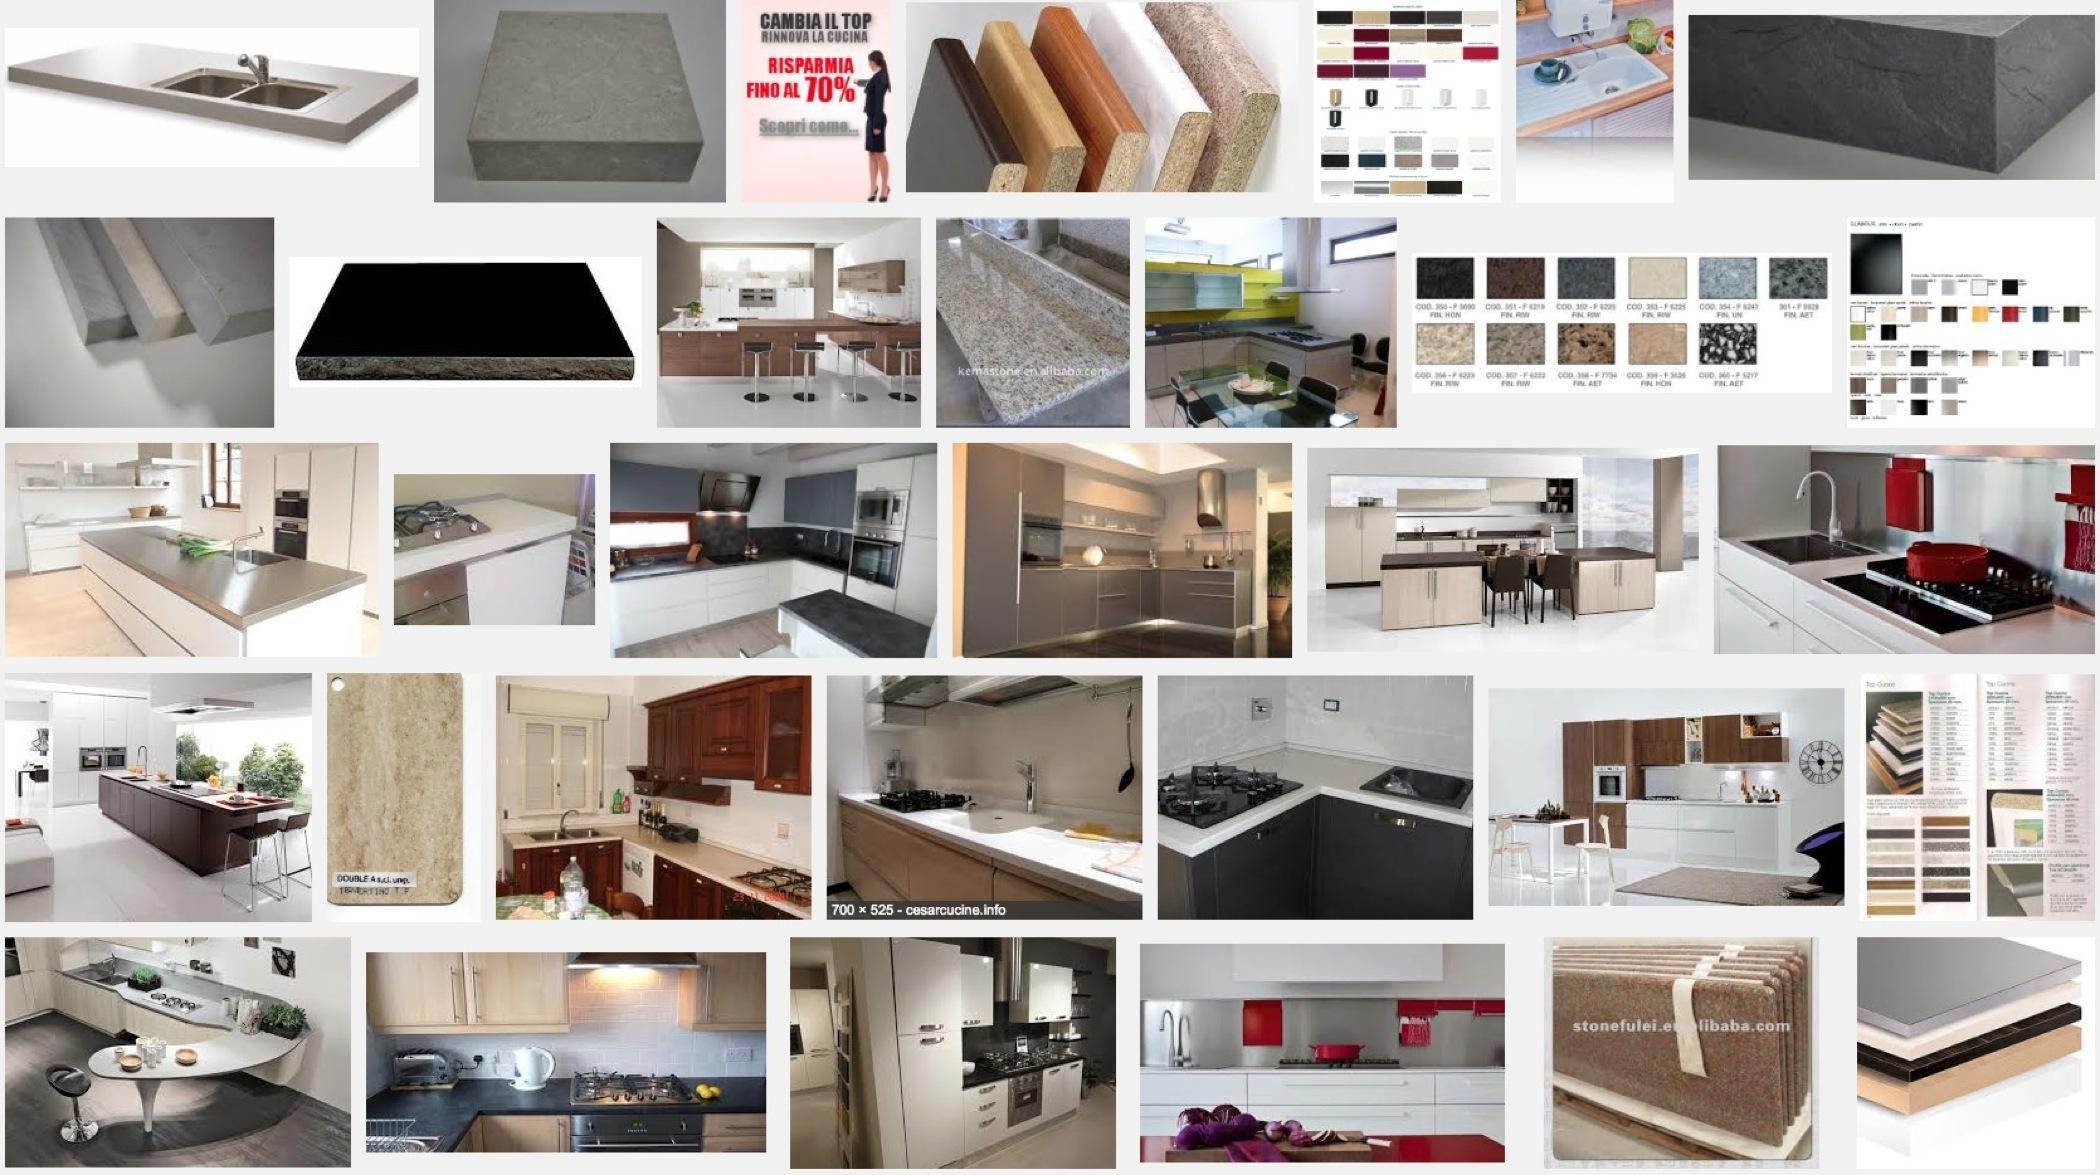 Piano TOP Per CUCINA Banco Lavoro Isola Penisola Tavolo SU MISURA Con  #664035 2100 1175 Piano Di Lavoro Cucina Brico